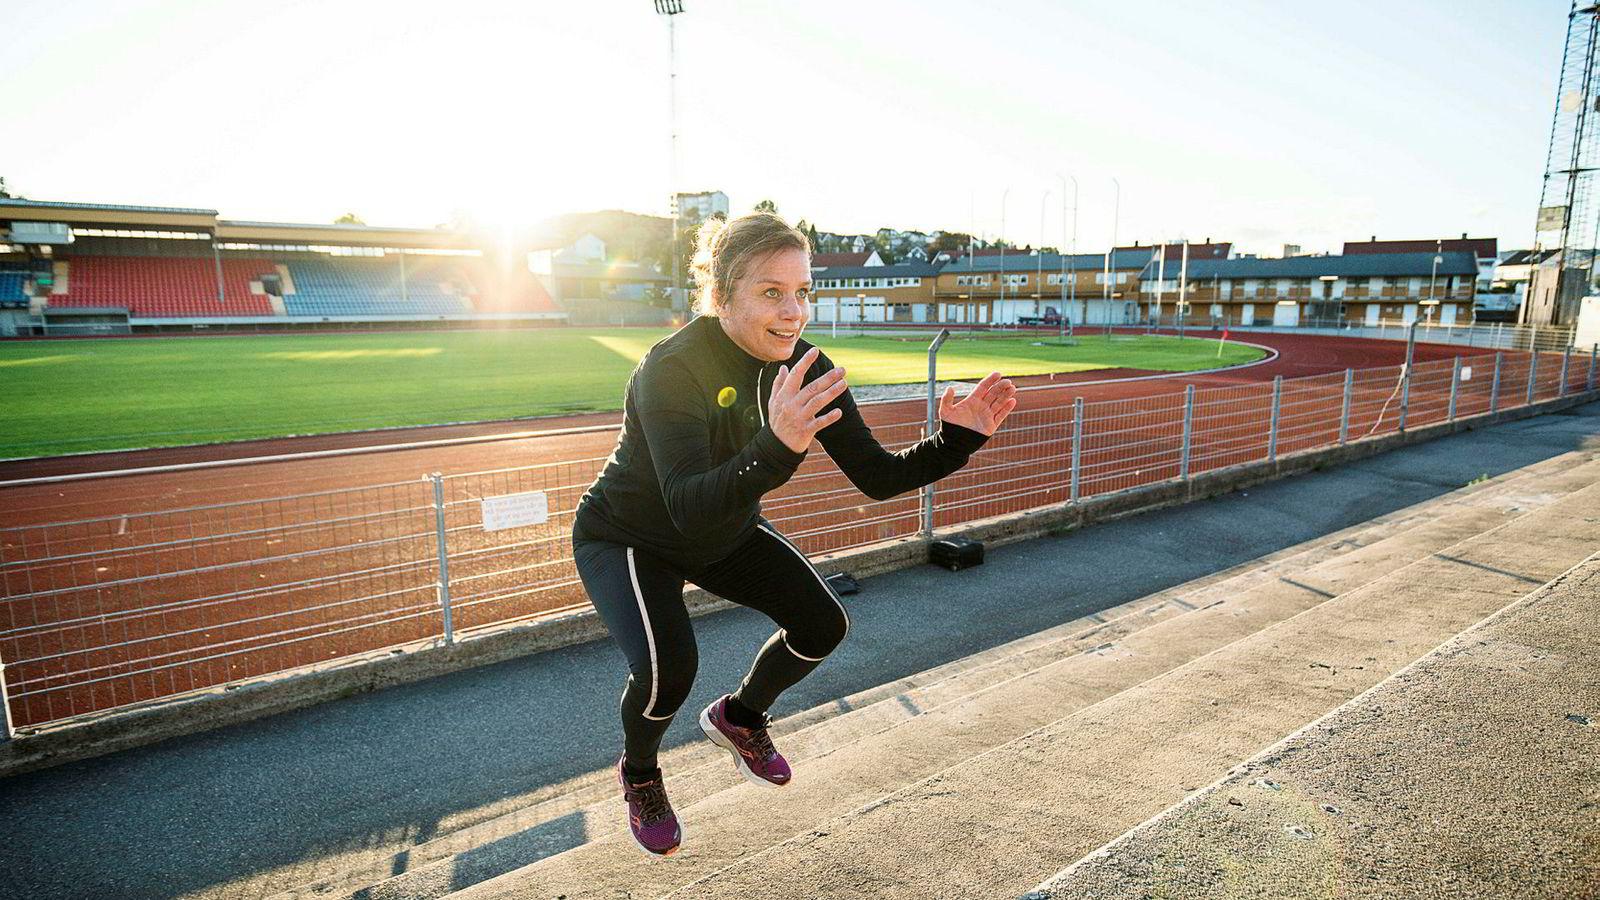 Ina Jagtøien (44) har kuttet ut tradisjonell styrketrening på bena, og satser heller i trappene for å utvikle spenst og styrke. Espen Tønnessen, førsteamanuensis i helsevitenskap ved Høyskolen Kristiania, tror mange mosjonister kunne hatt nytte og glede av å gjøre det samme.